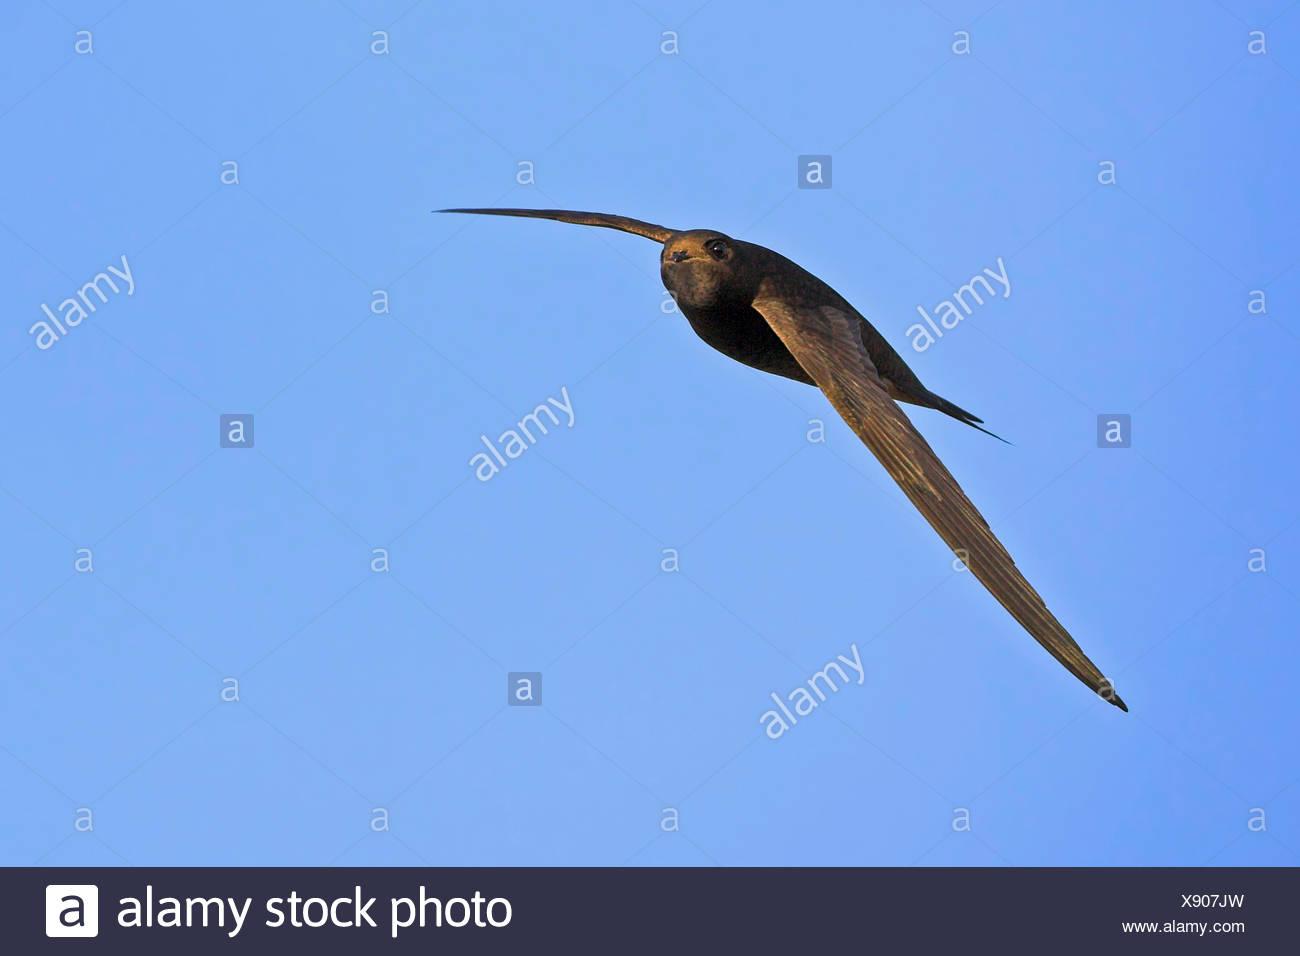 Eurasian swift (Apus apus), in flight in the blue sky , Germany, Baden-Wuerttemberg Stock Photo